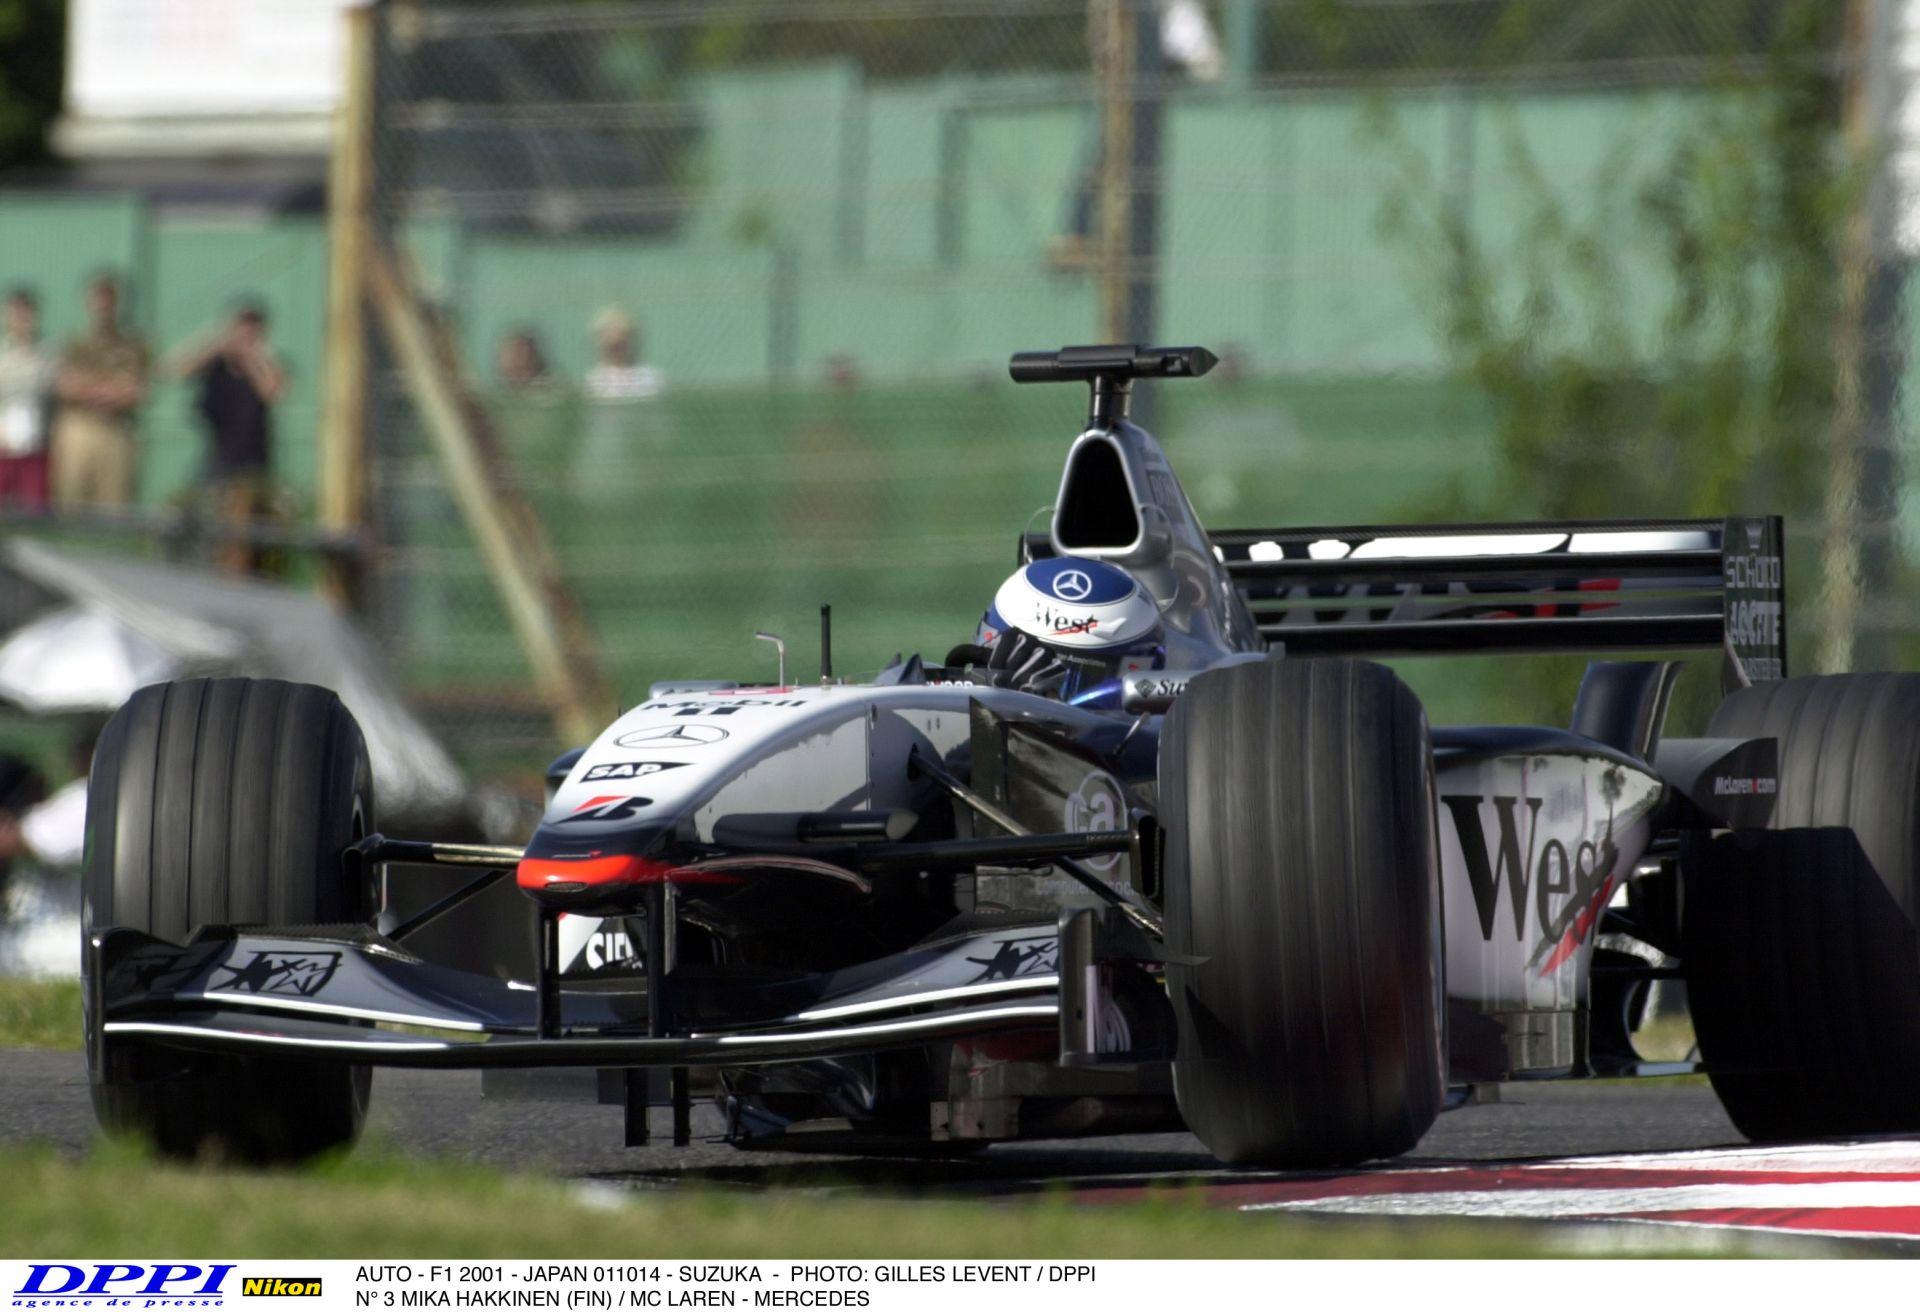 Egy szomorú nap a Forma-1-ben: Mika Hakkinen utolsó versenye